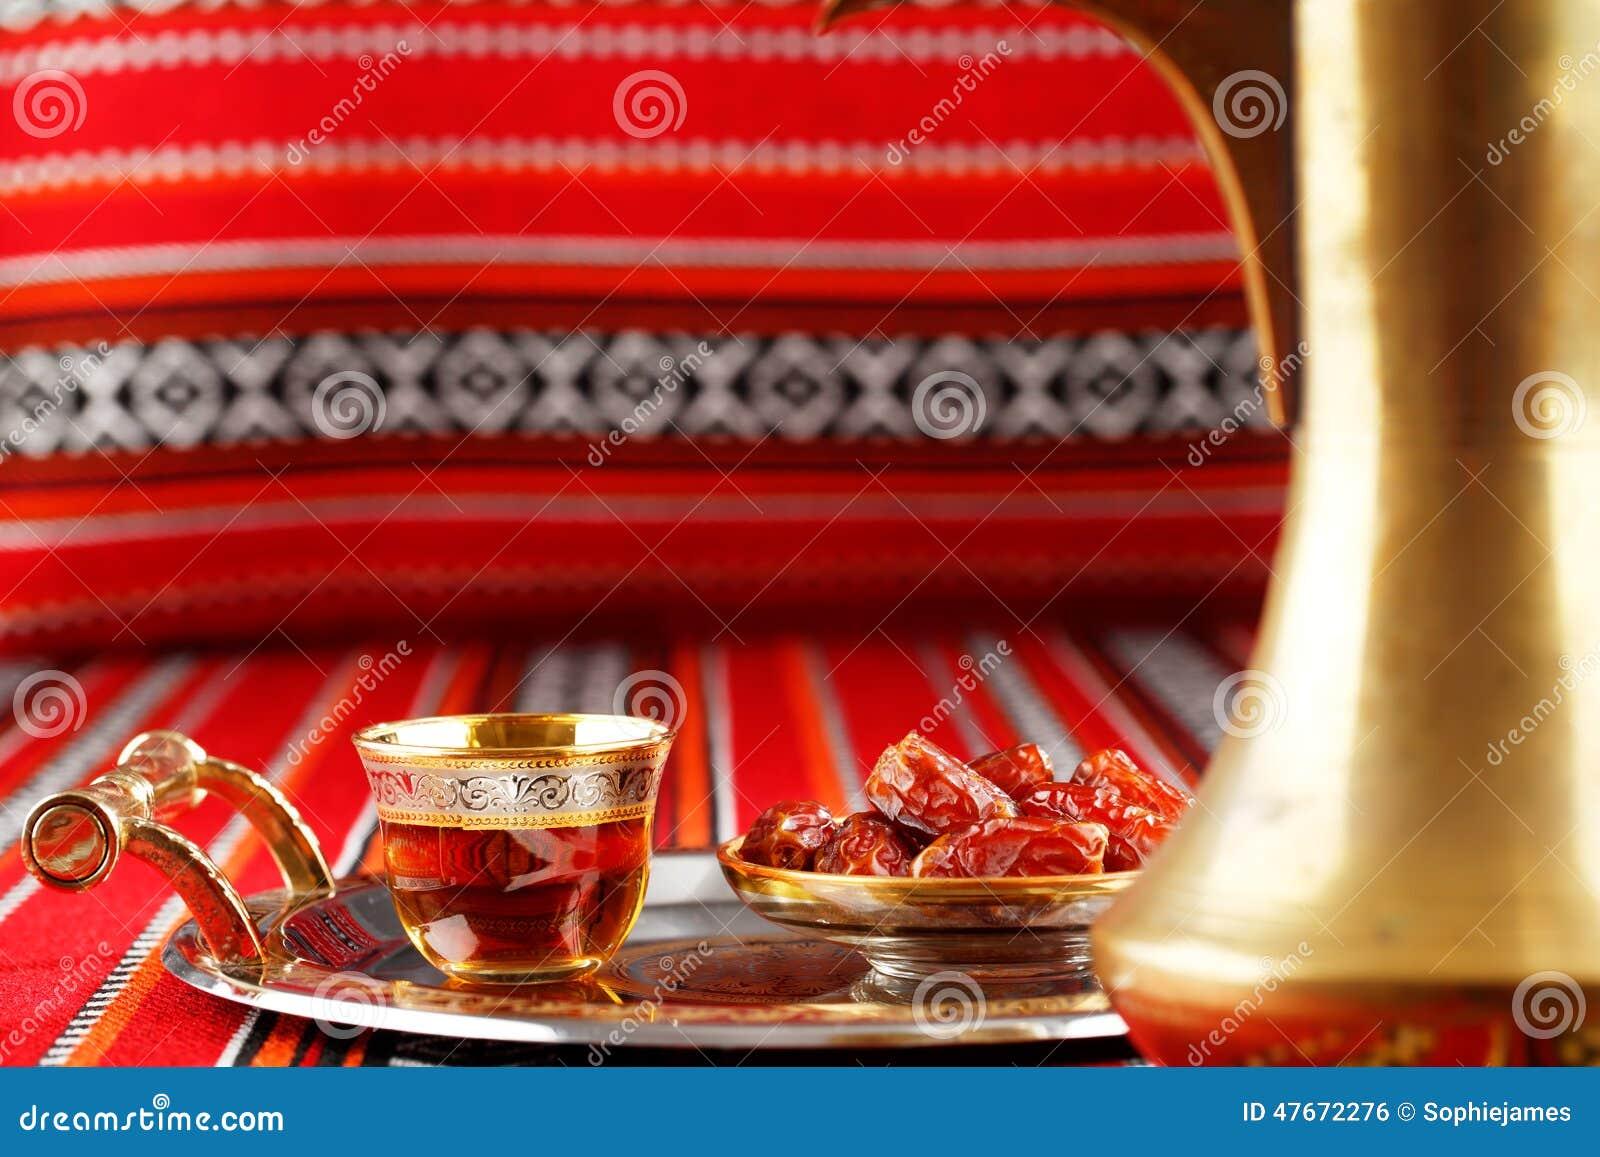 El té y las fechas icónicos de la tela de Abrian simbolizan hospitalidad árabe